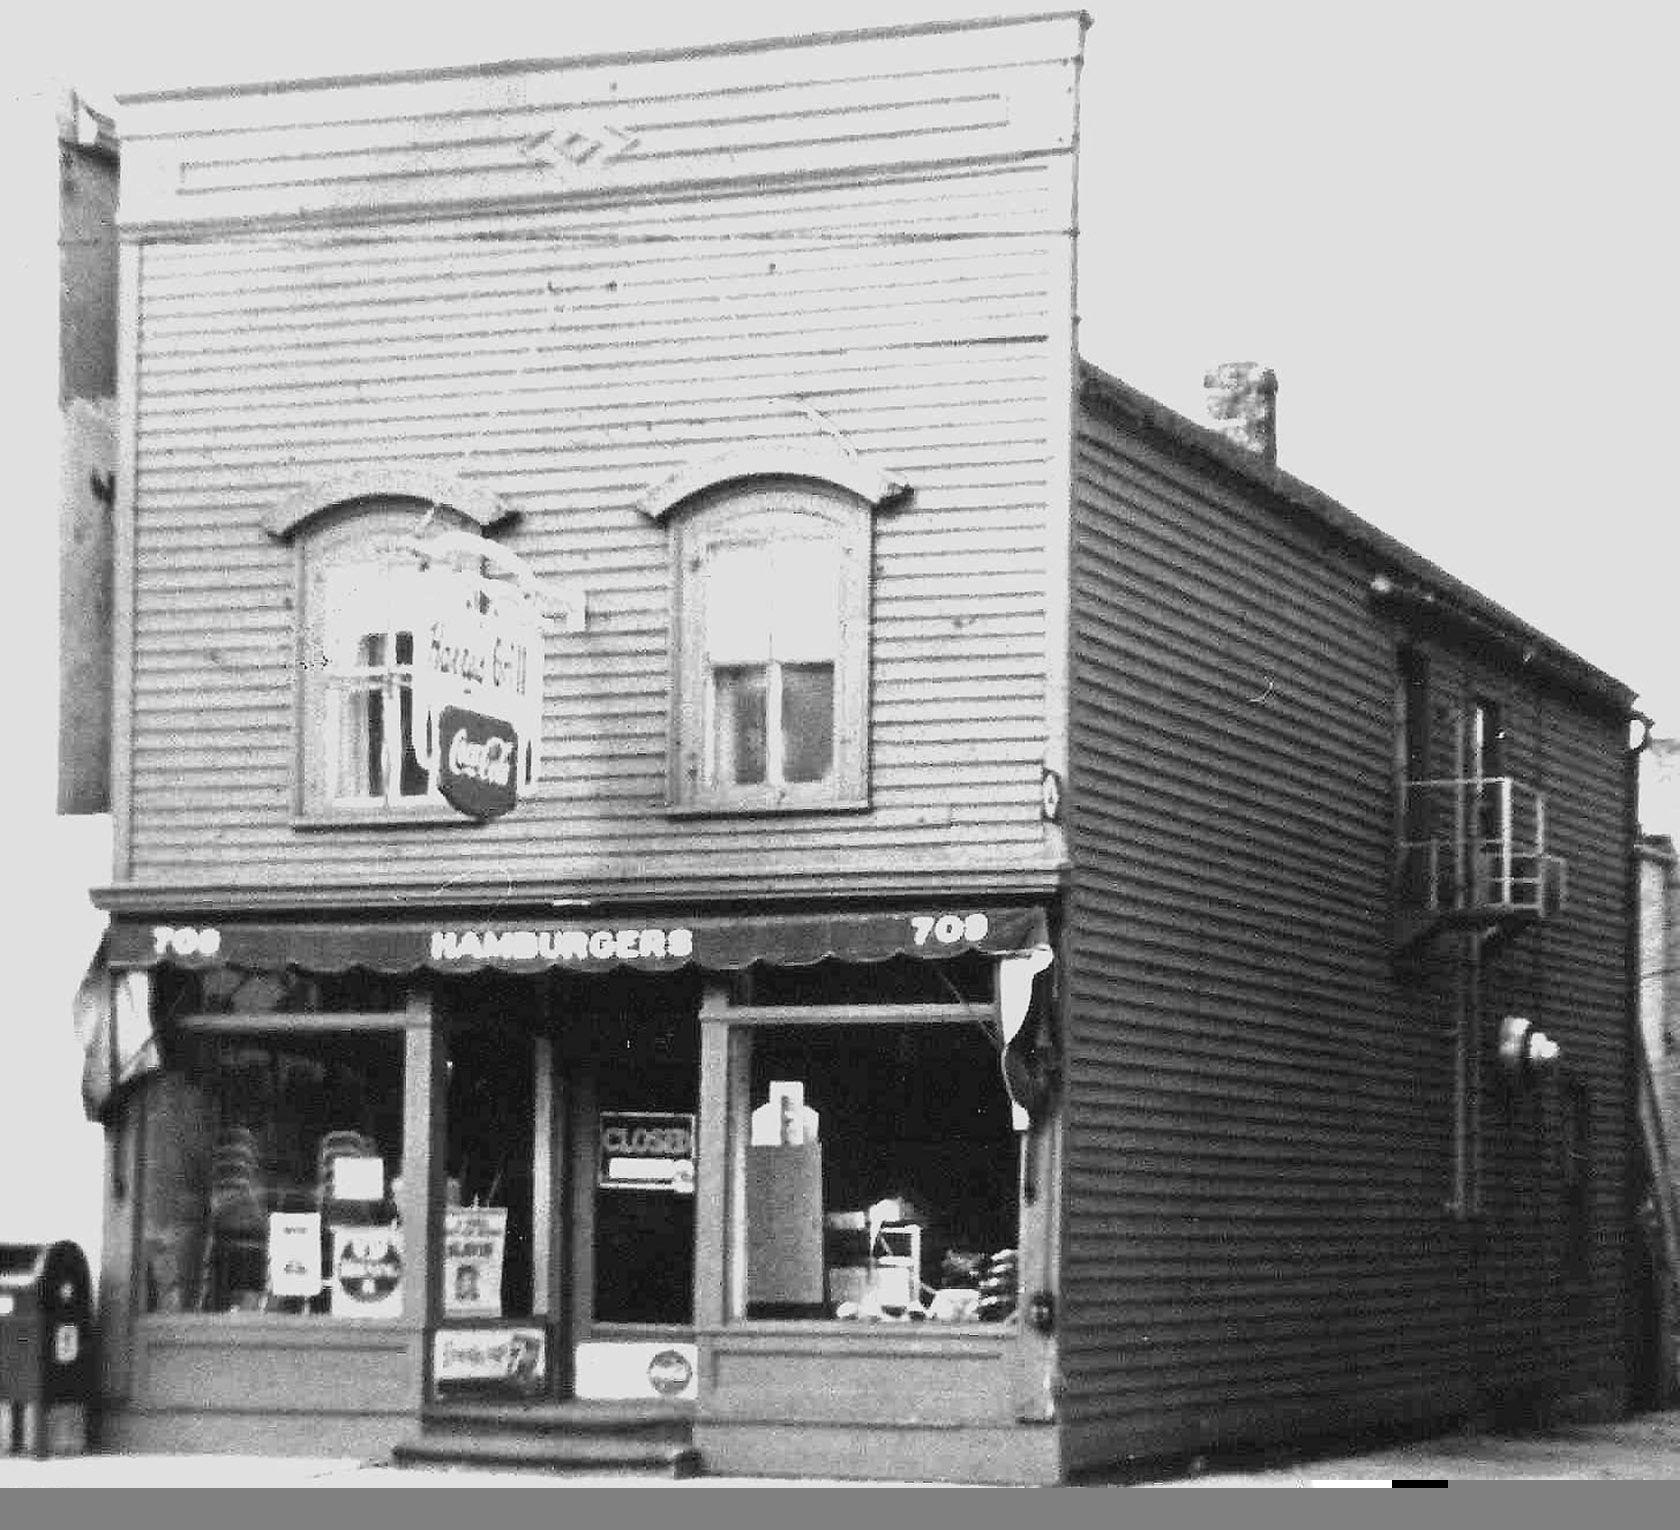 Deerfield, Il Harrys Grill (On Deerfield Road, Ca 1950S), The